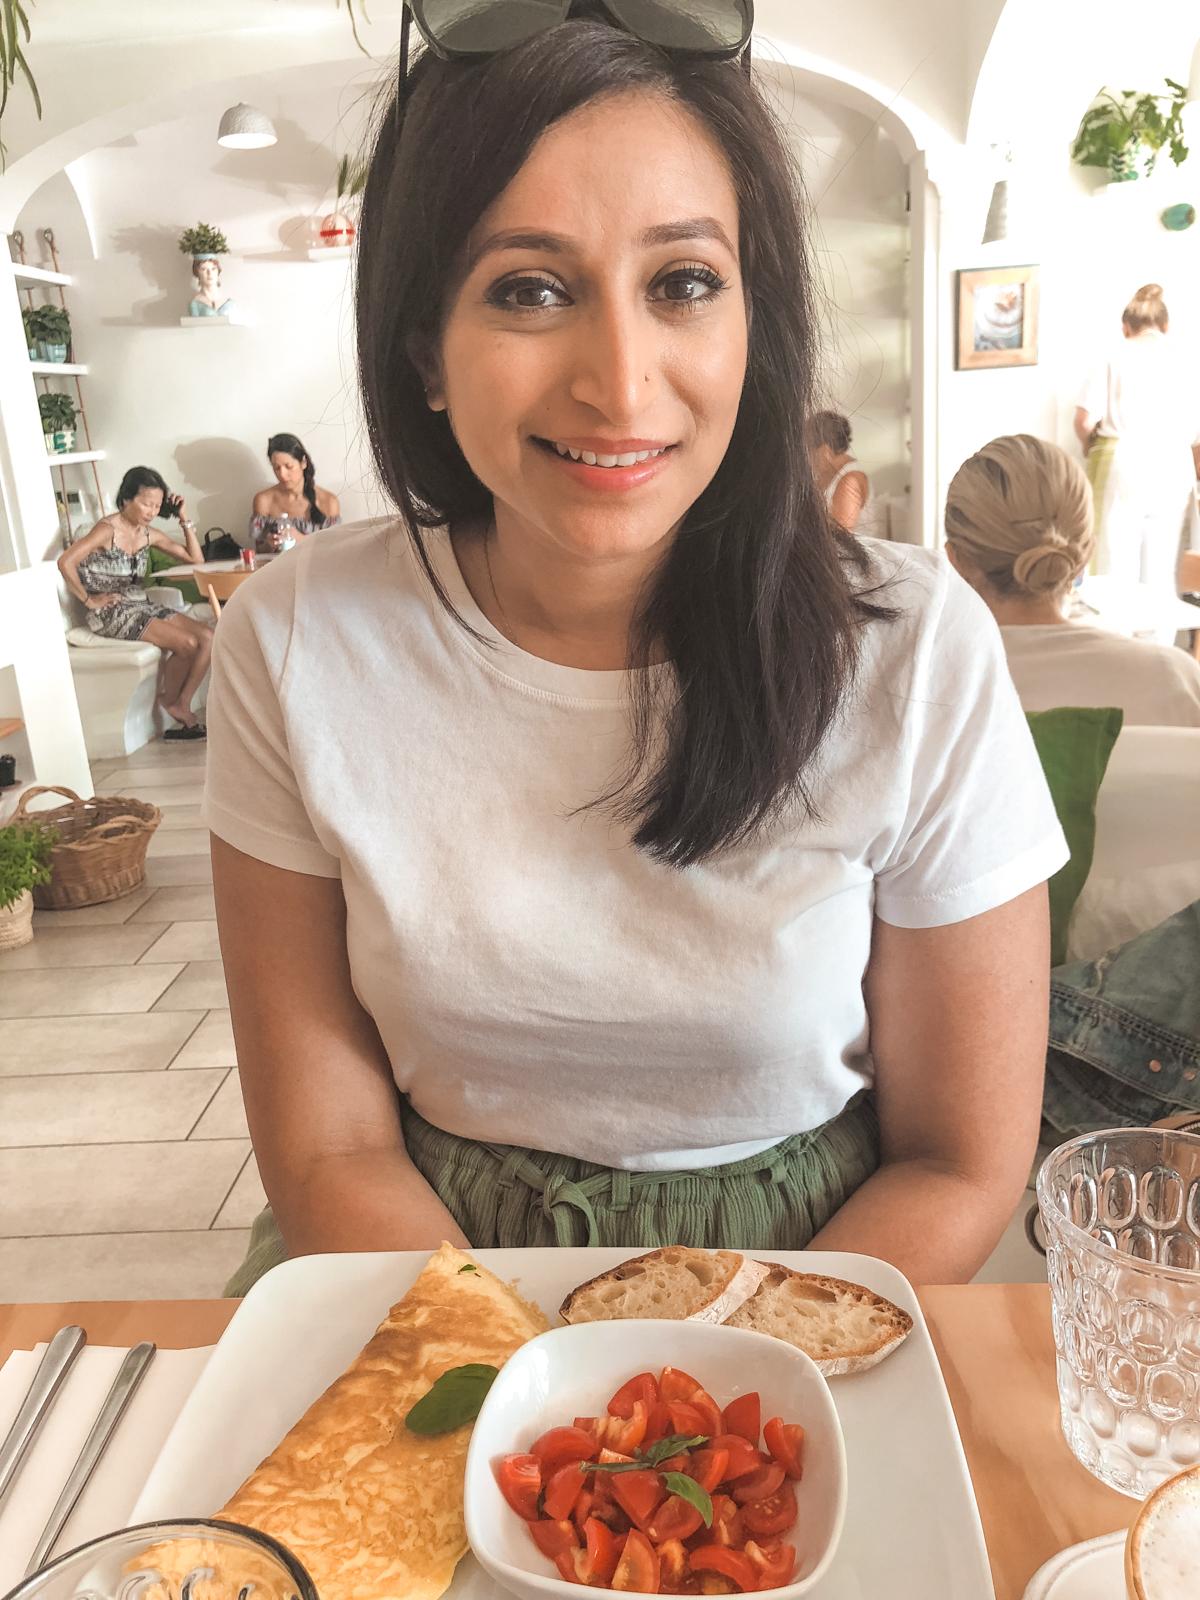 me with my breakfast inside casa e bottega restaurant